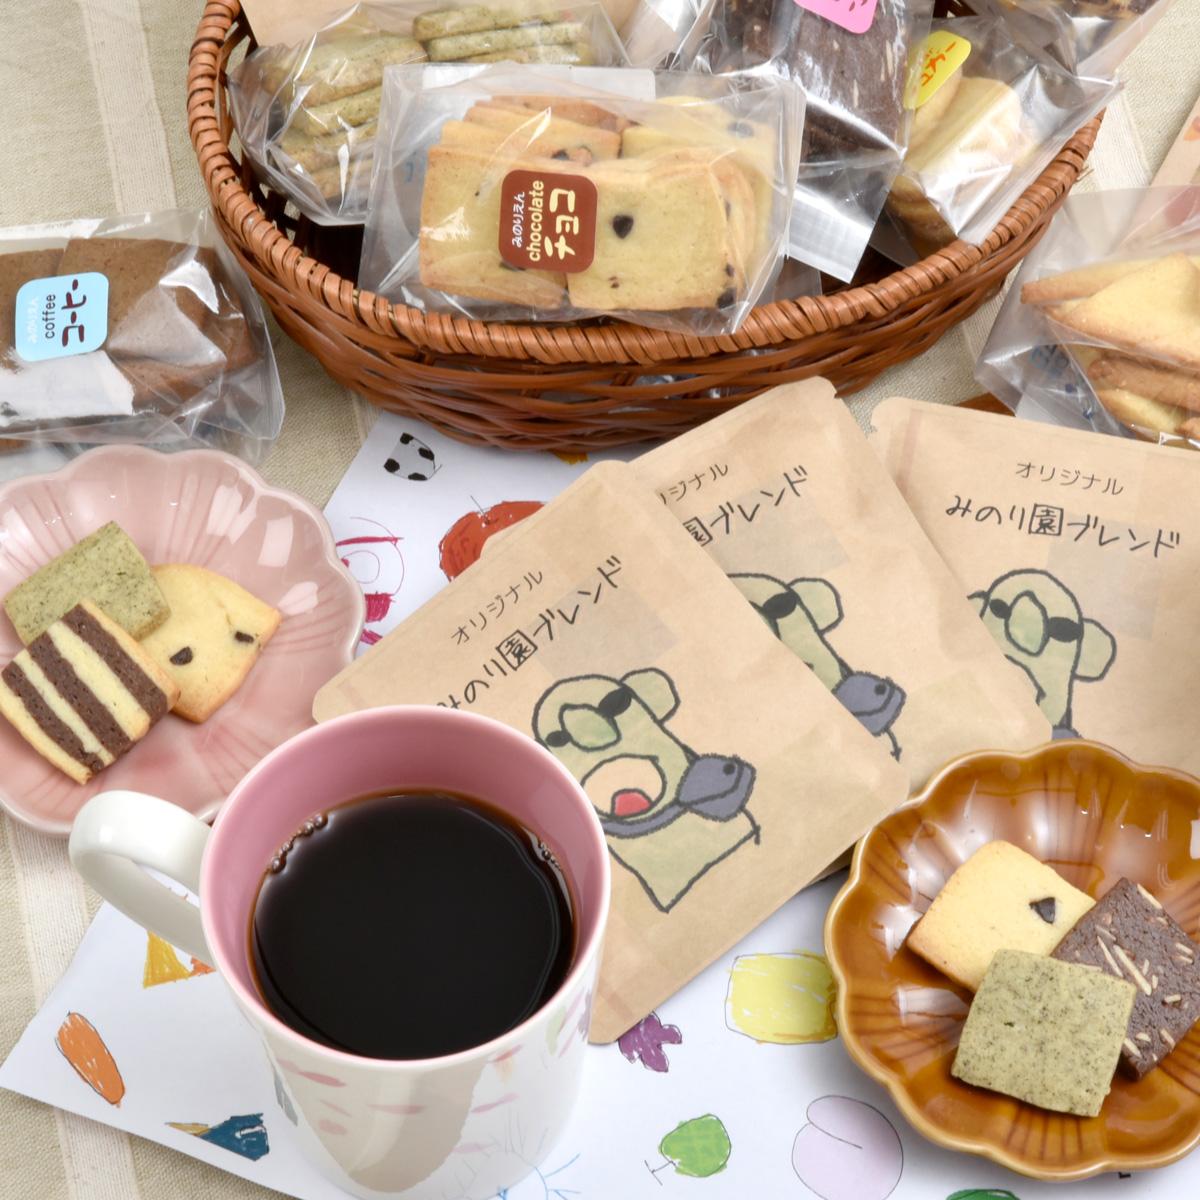 【ふるさと納税】みのり園の「手作りクッキー」とフリゴレスの「クラフトコーヒー」満喫セット(クッキー8袋 +自家焙煎ドリップバッグ8袋)